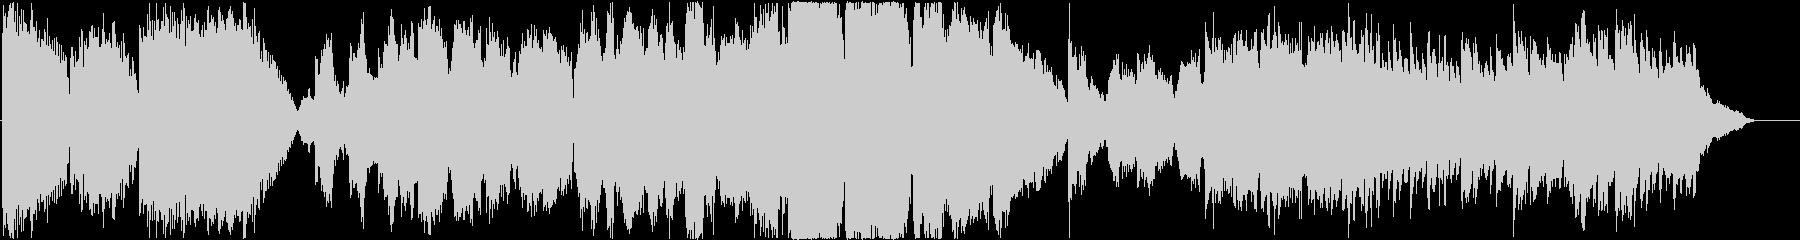 映像にオススメの切ないシーンに似合う曲の未再生の波形